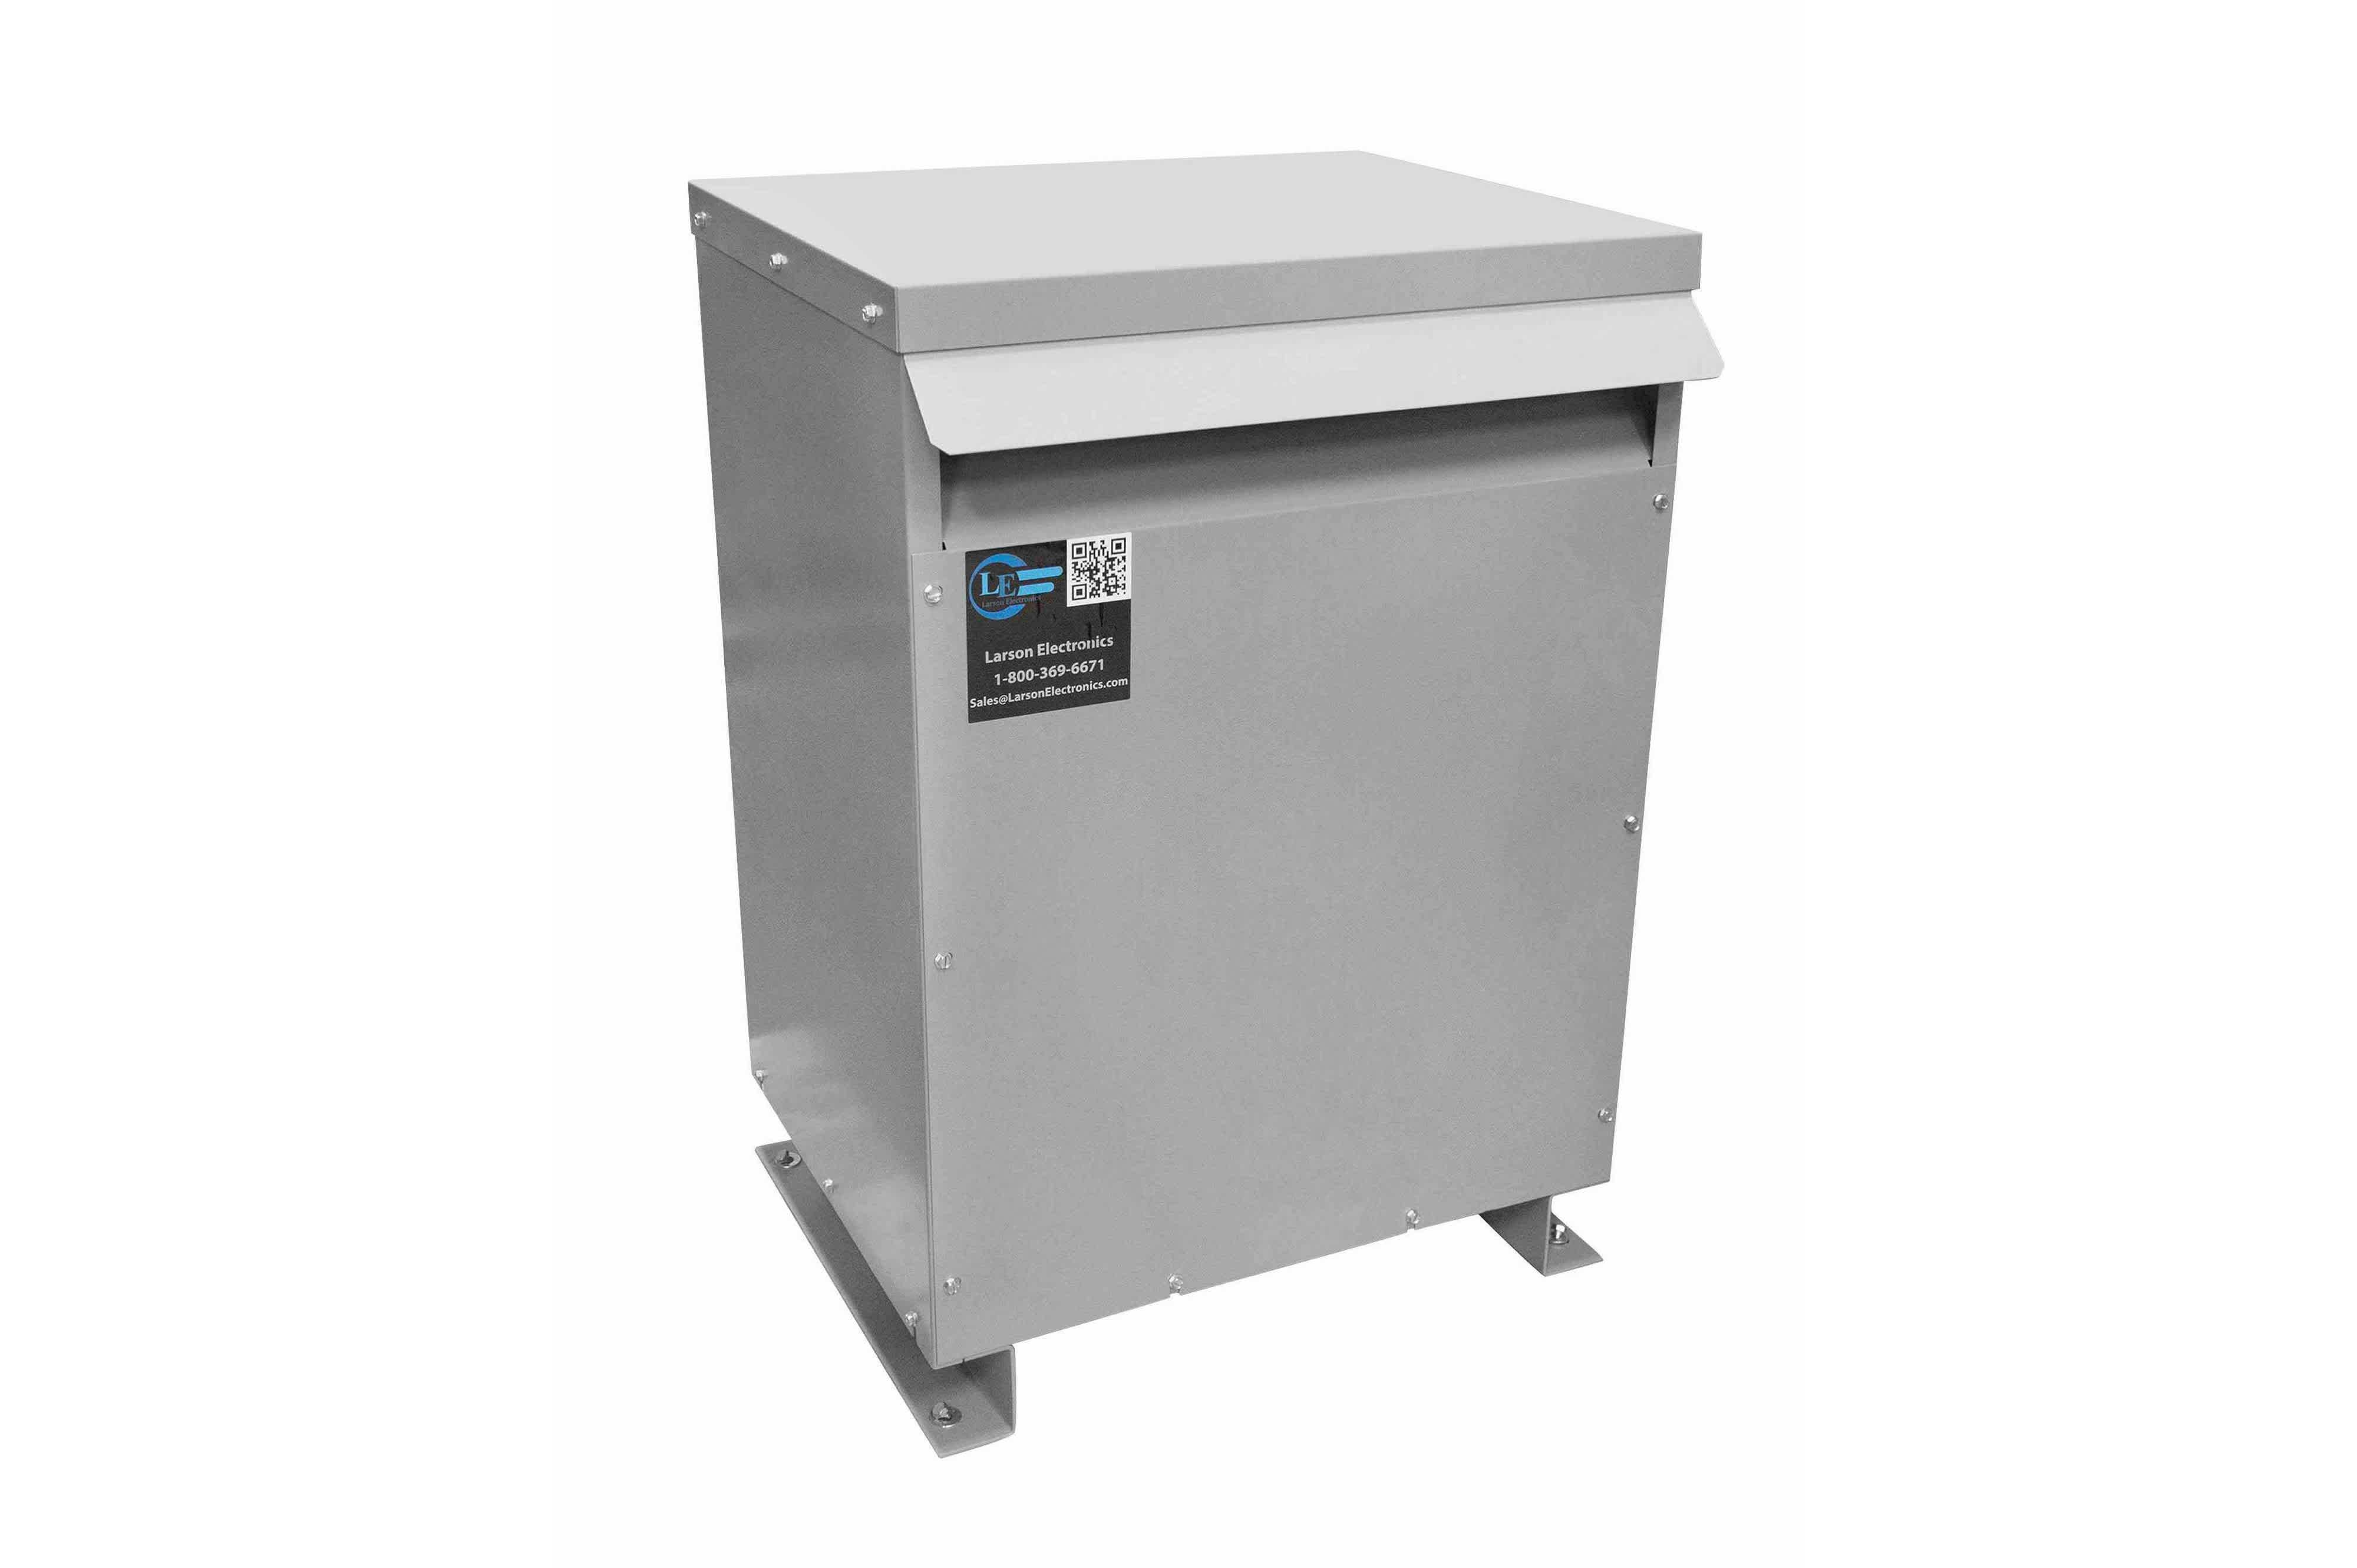 80 kVA 3PH DOE Transformer, 380V Delta Primary, 240V/120 Delta Secondary, N3R, Ventilated, 60 Hz